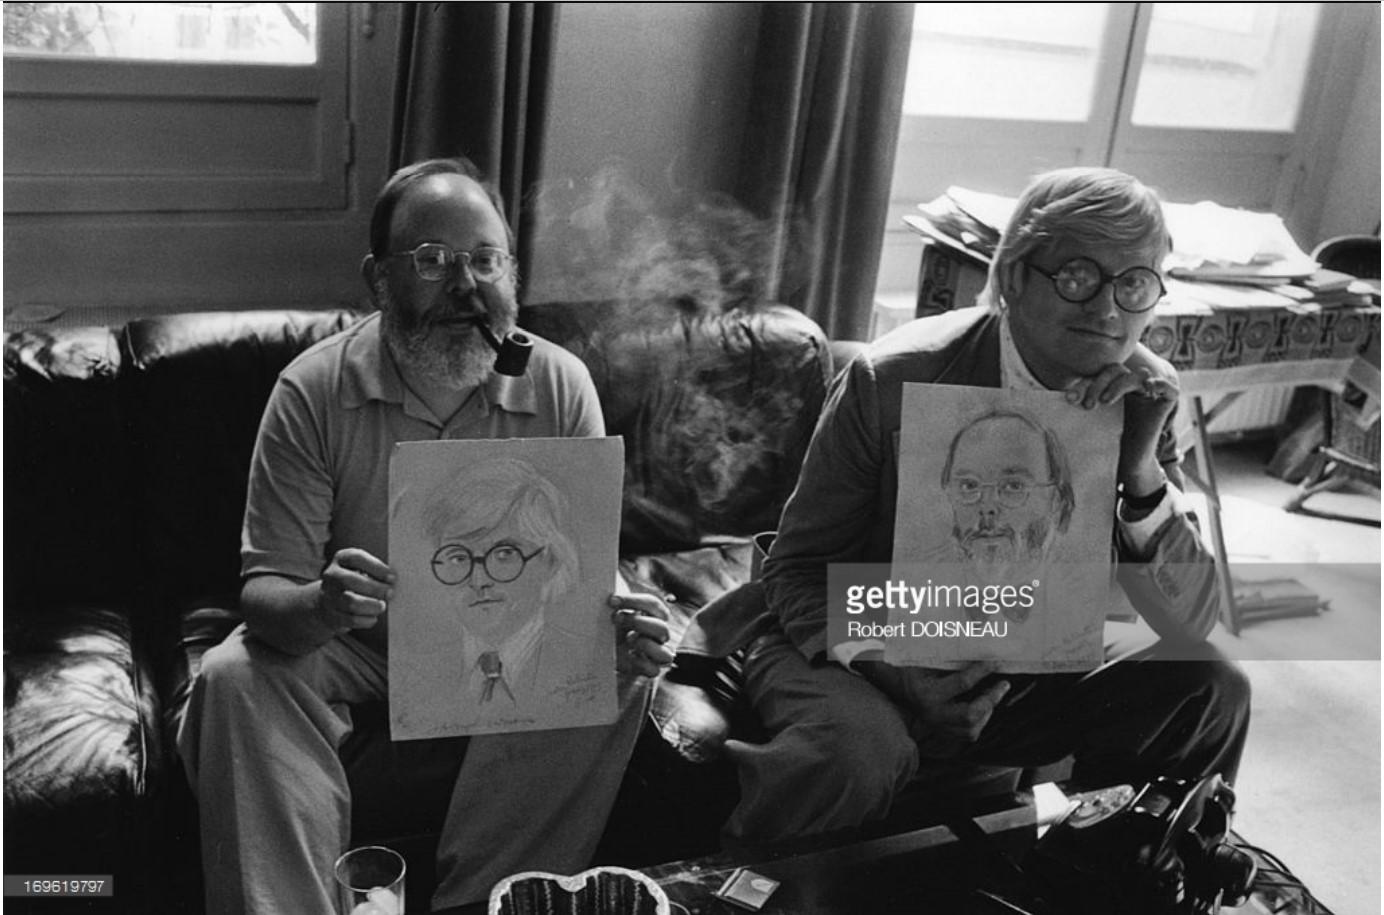 1975. Портрет искусствоведа и критика Генри Гельдзалера и художника Дэвида Хокни